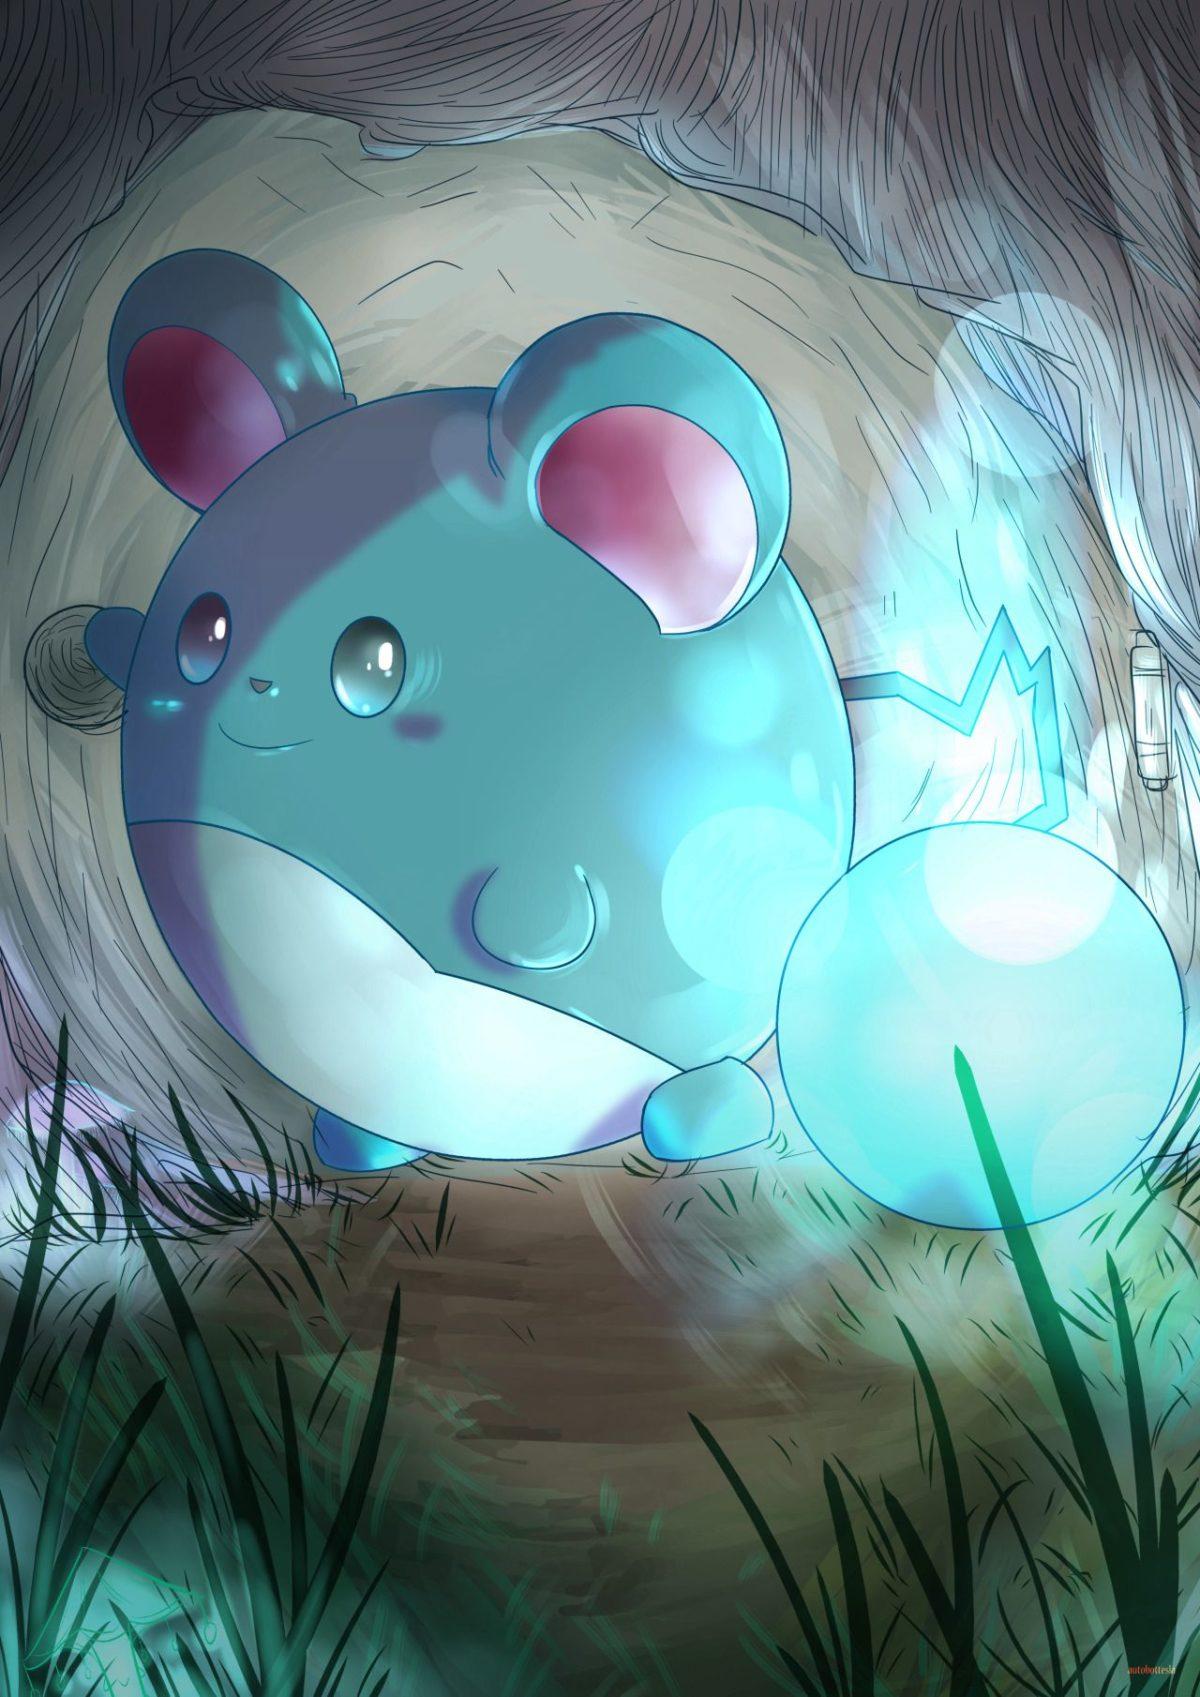 Marill   pokemon   Pinterest   Pokémon, Pokemon photo and Anime